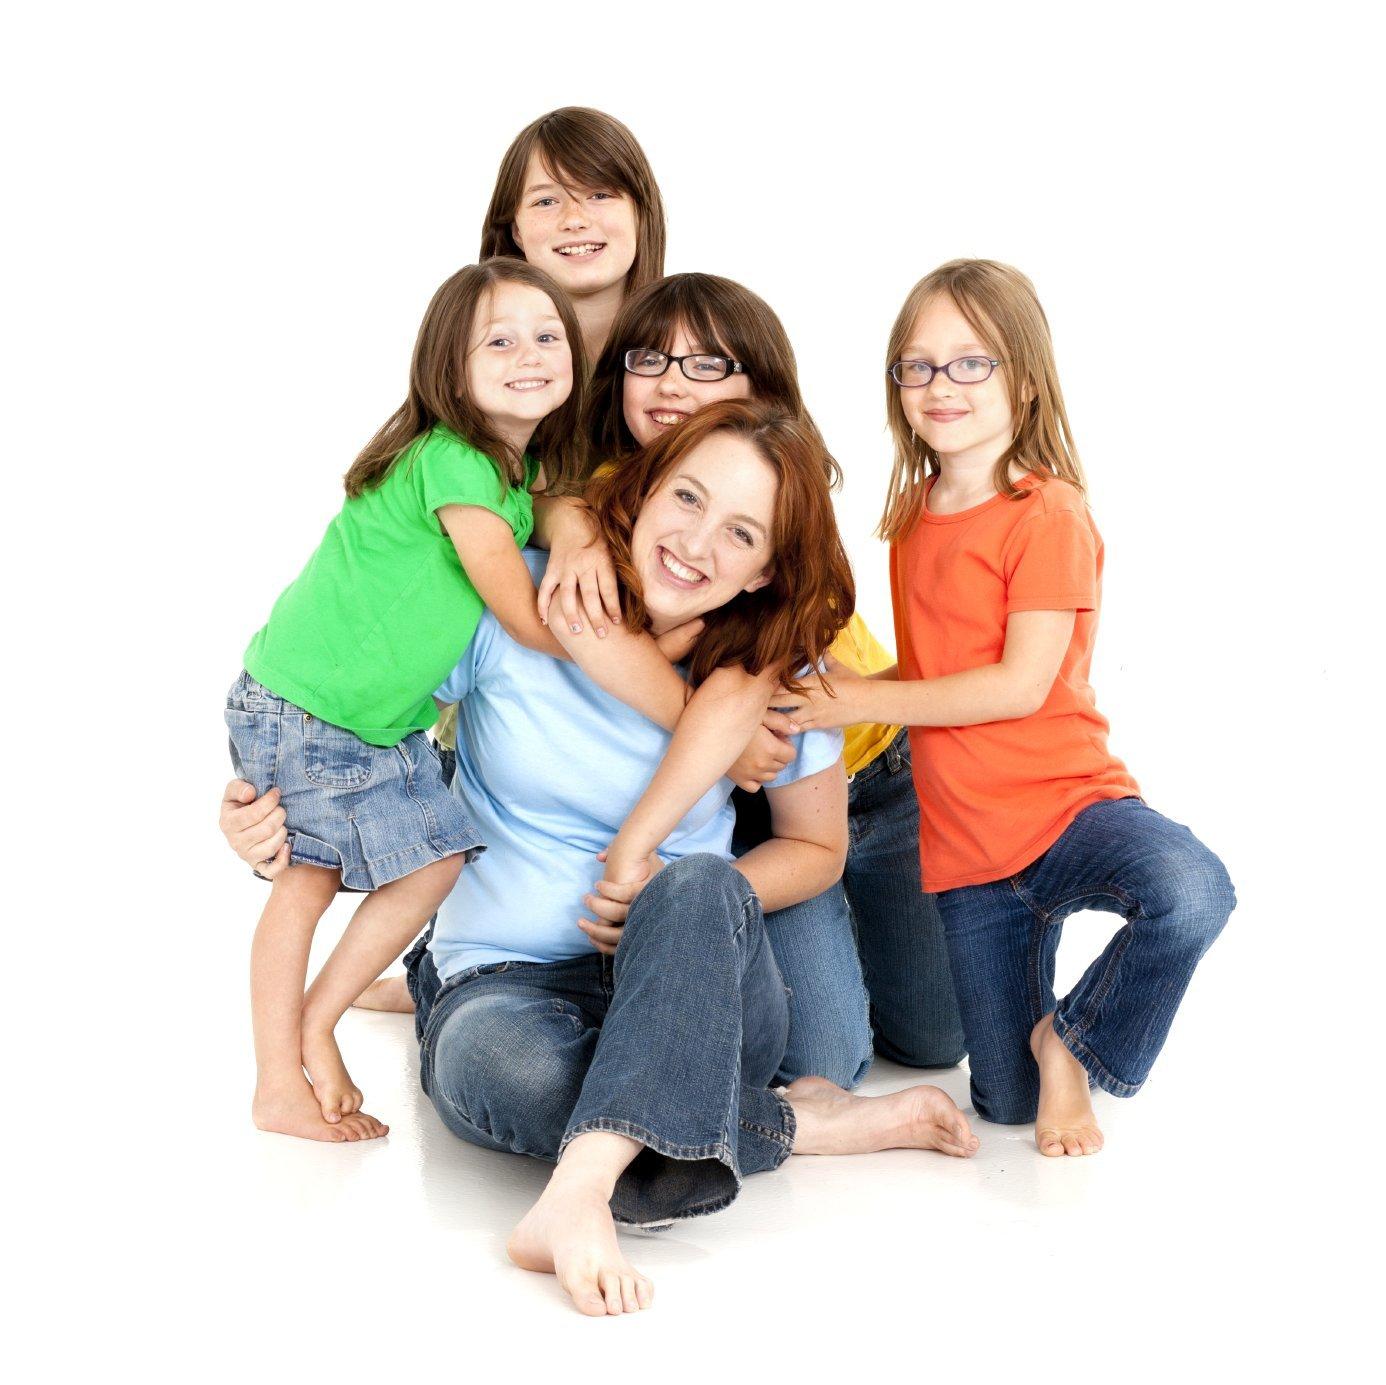 Увольнение многодетной матери по инициативе работодателя, сокращению штата и собственному желанию